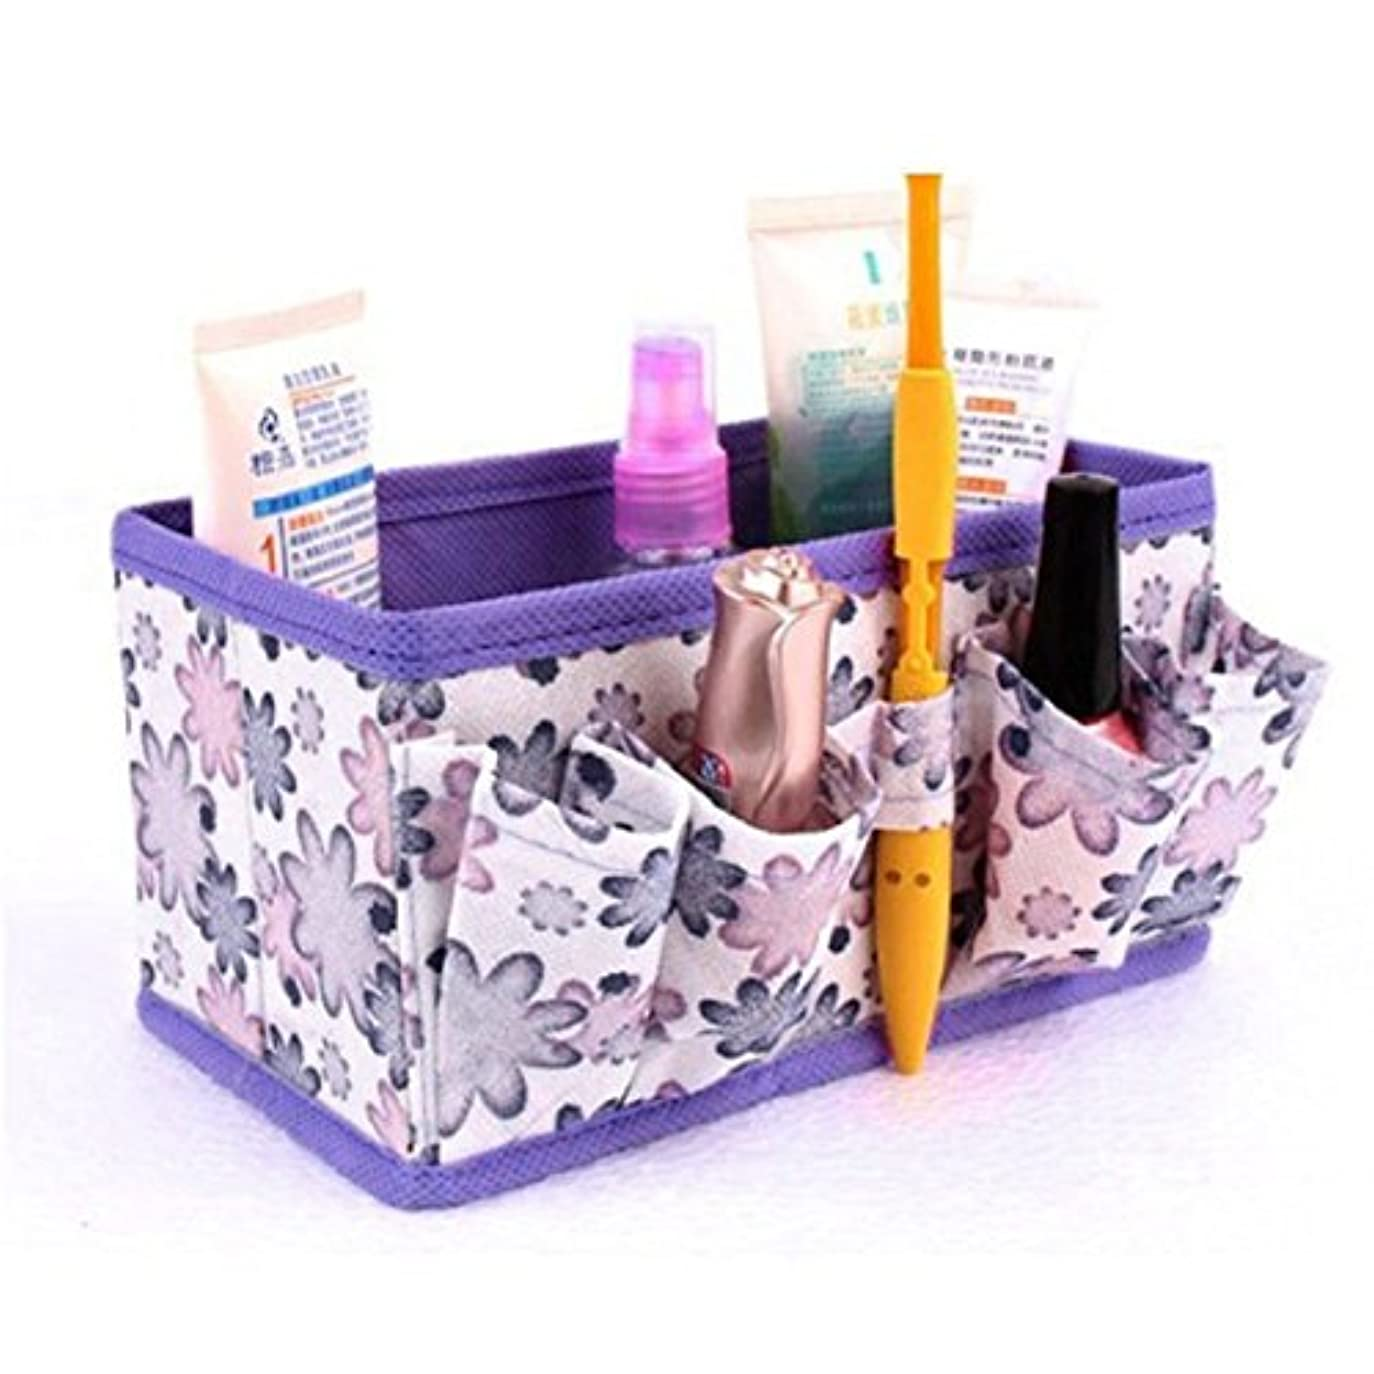 どちらか島どっち化粧用バッグ YOKINO 化粧品収納ボックス 収納スタンド コスメ収納ボ 小物/化粧品入れ レディース  ジュエリーボックス 小物 収納 クリア アクセサリー 折り畳み式の (紫の)